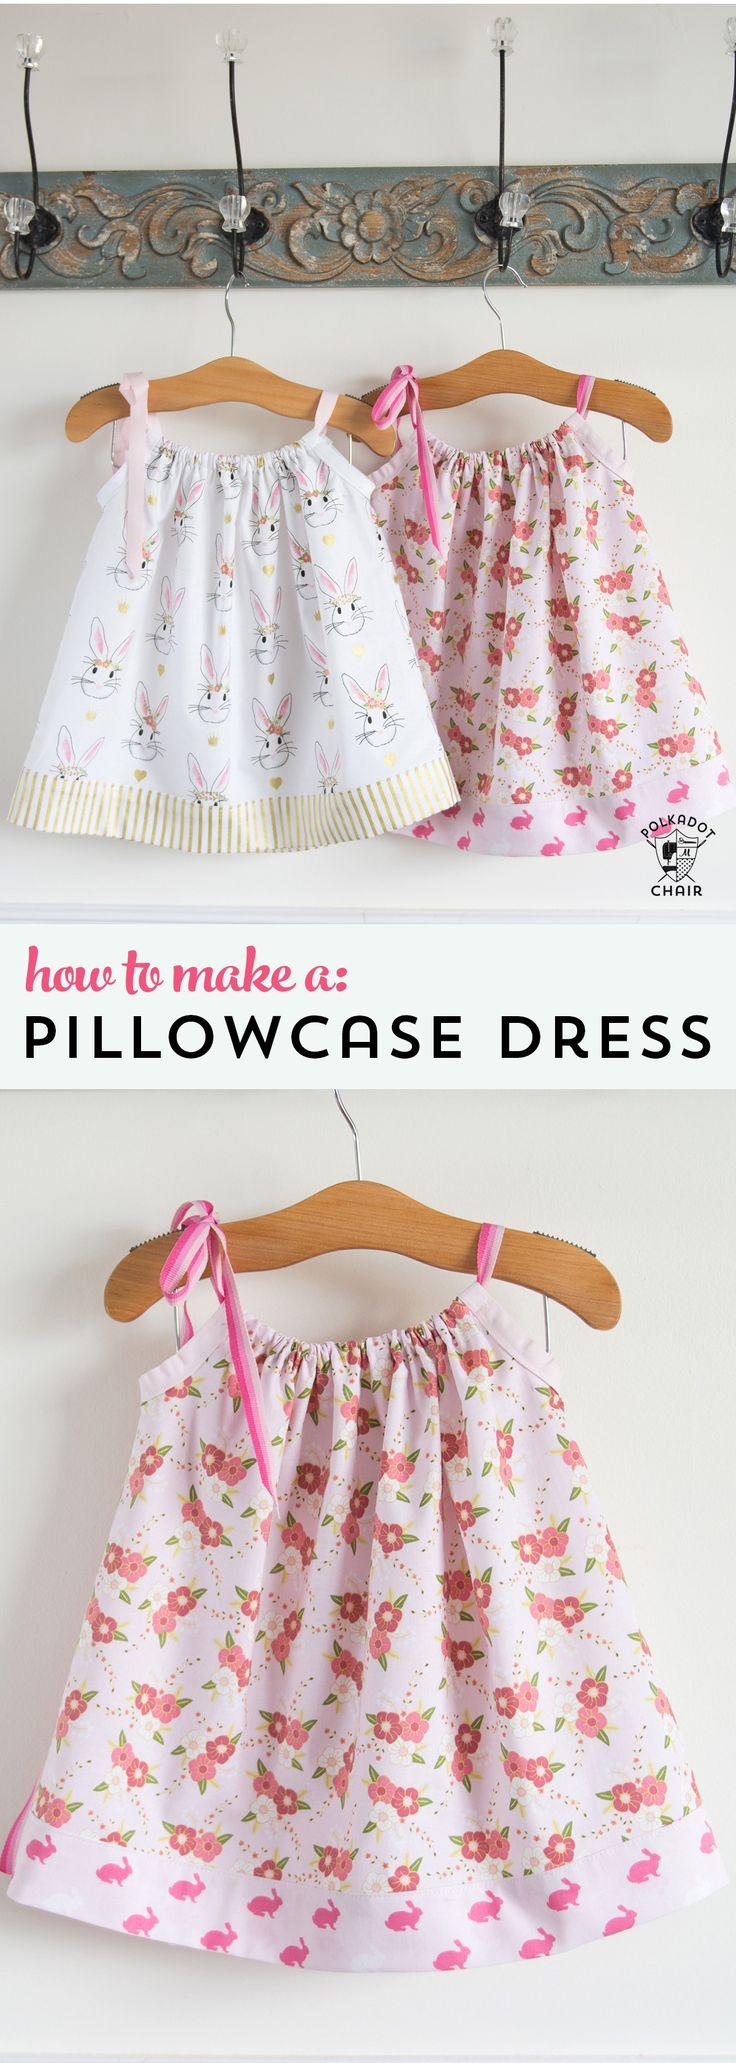 Aprender a coser un vestido funda de almohada con este vestido Tutorial funda de almohada.  Incluye instrucciones completas y una tabla para ayudarle a cambiar el tamaño del vestido para diferentes edades.  El vestido más rápida que jamás cose!                                                                                                                                                      Más